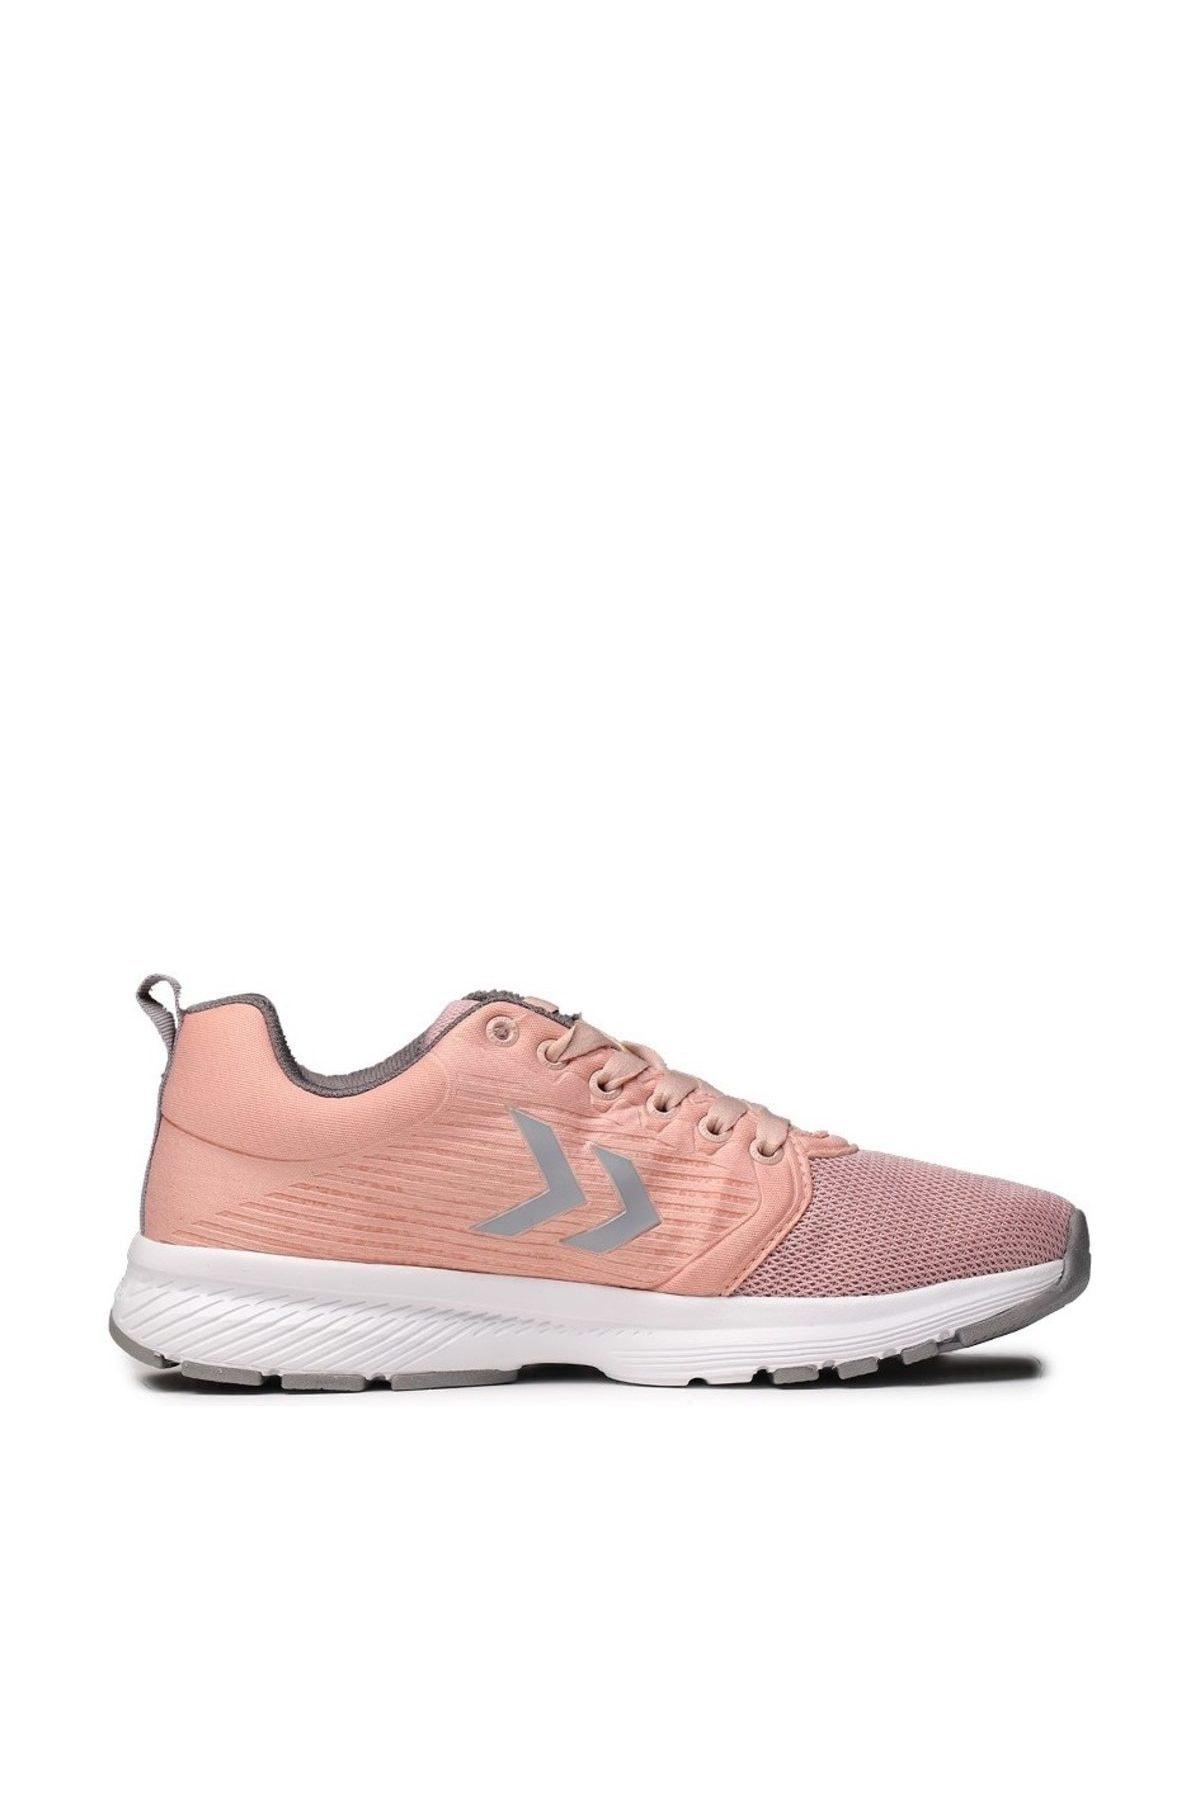 HUMMEL ATHLETIC-3 Pembe Kadın Sneaker Ayakkabı 100549507 2